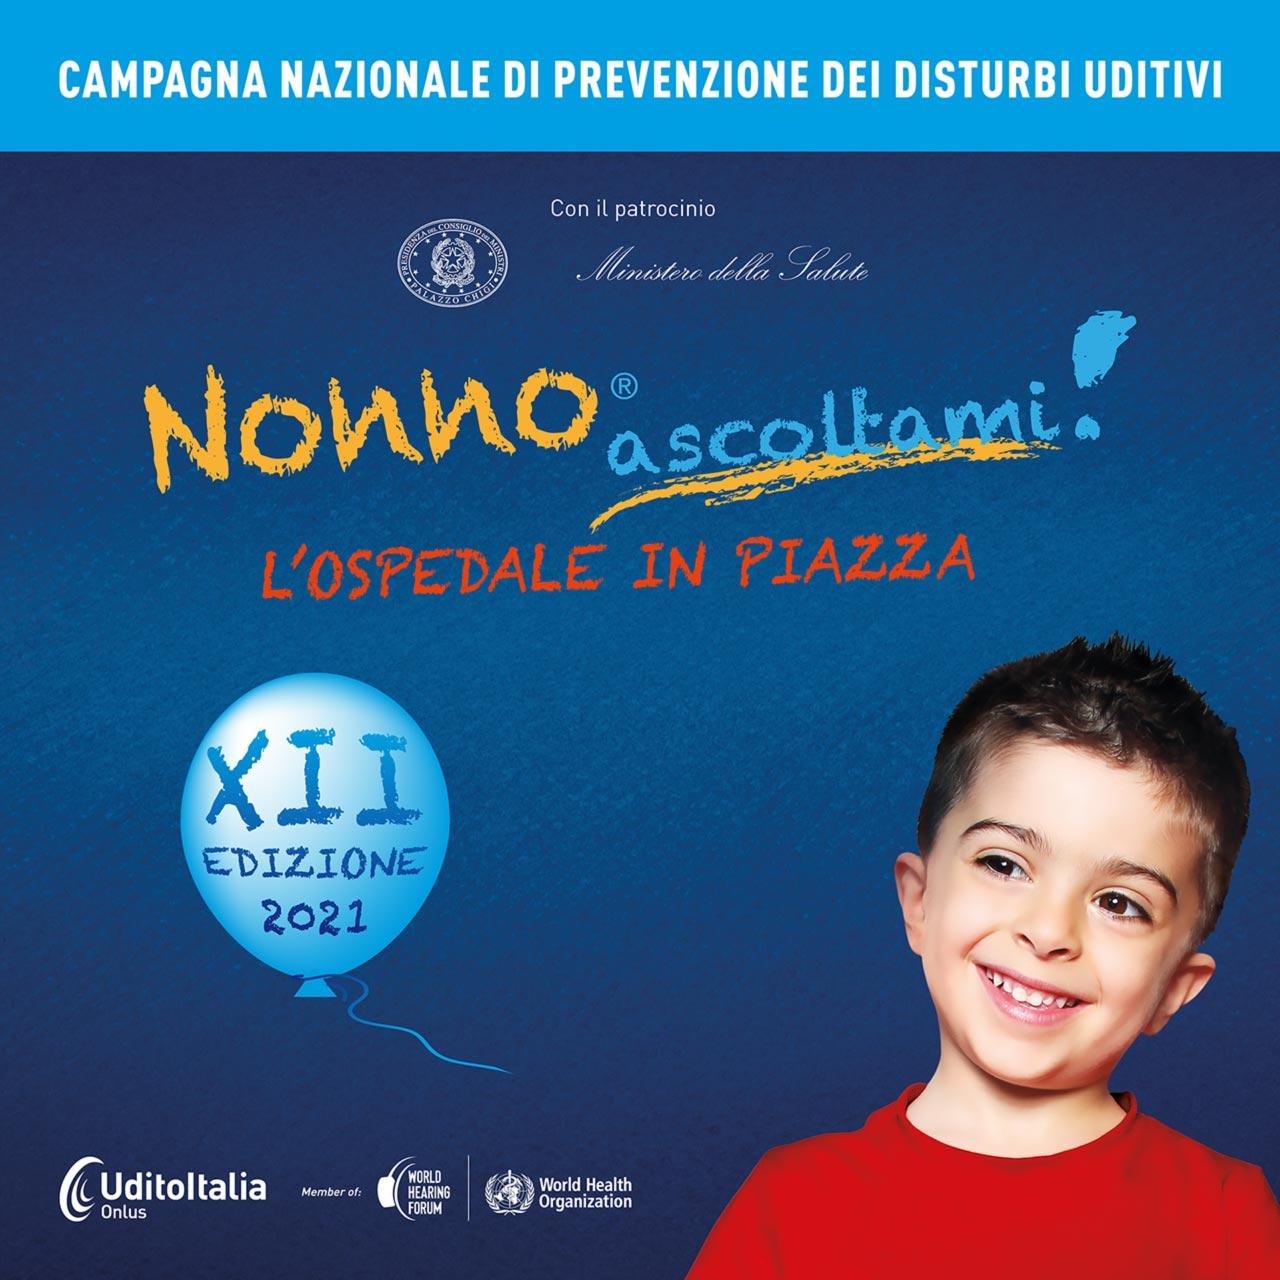 Tornano le domeniche di prevenzione di Nonno Ascoltami! nelle piazze italiane